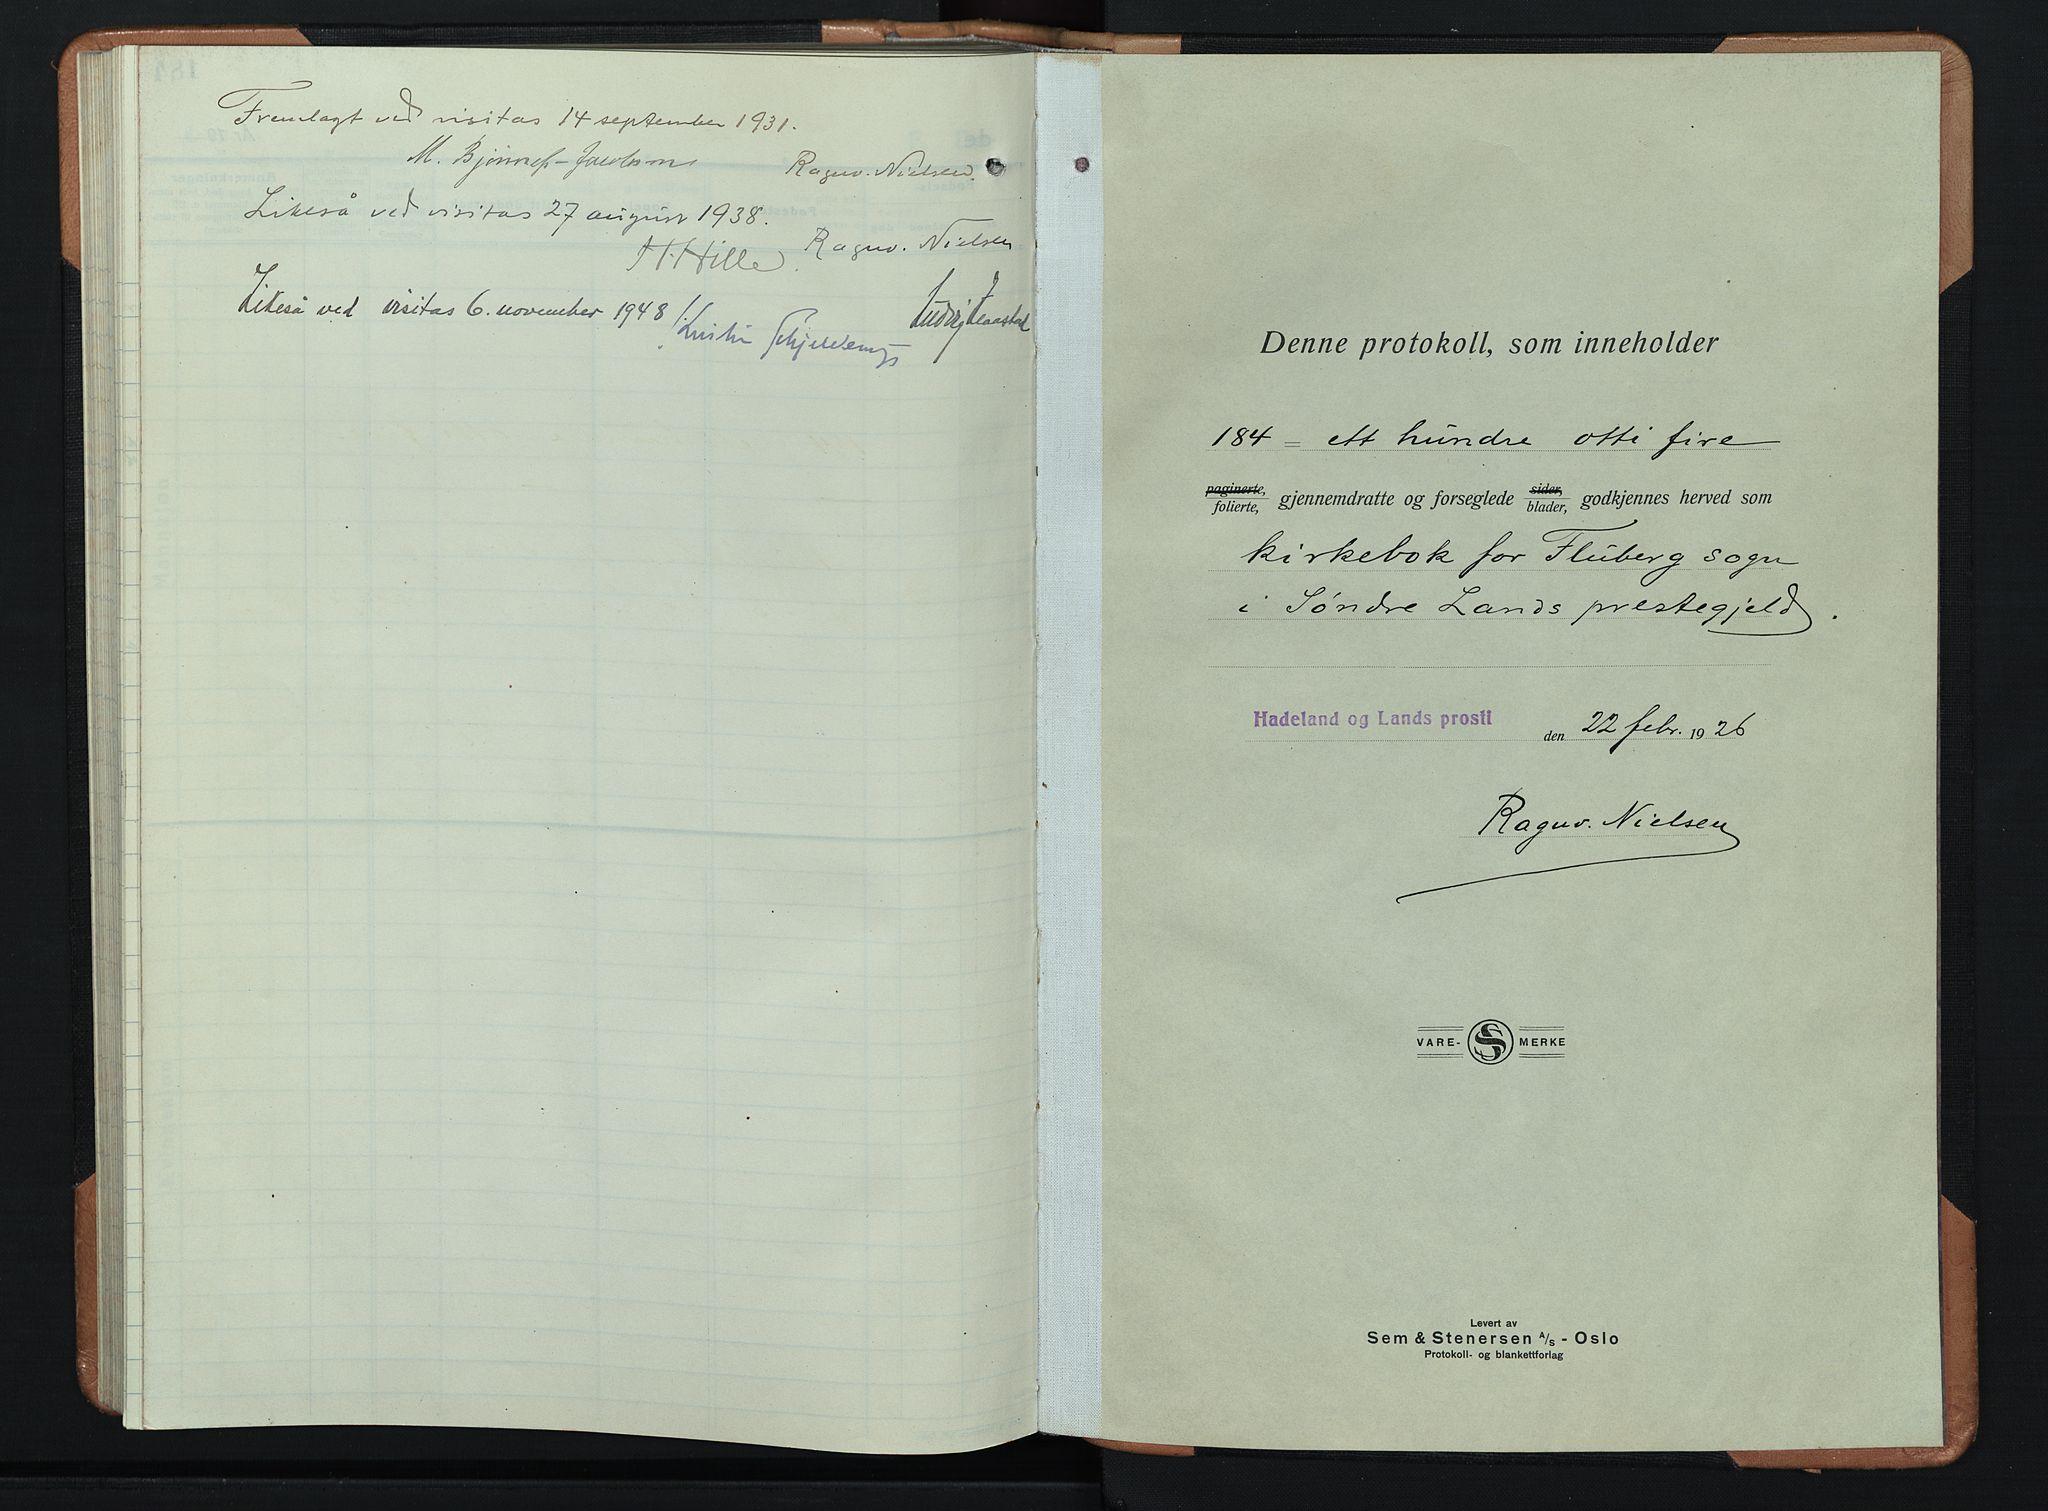 SAH, Søndre Land prestekontor, L/L0008: Klokkerbok nr. 8, 1926-1950